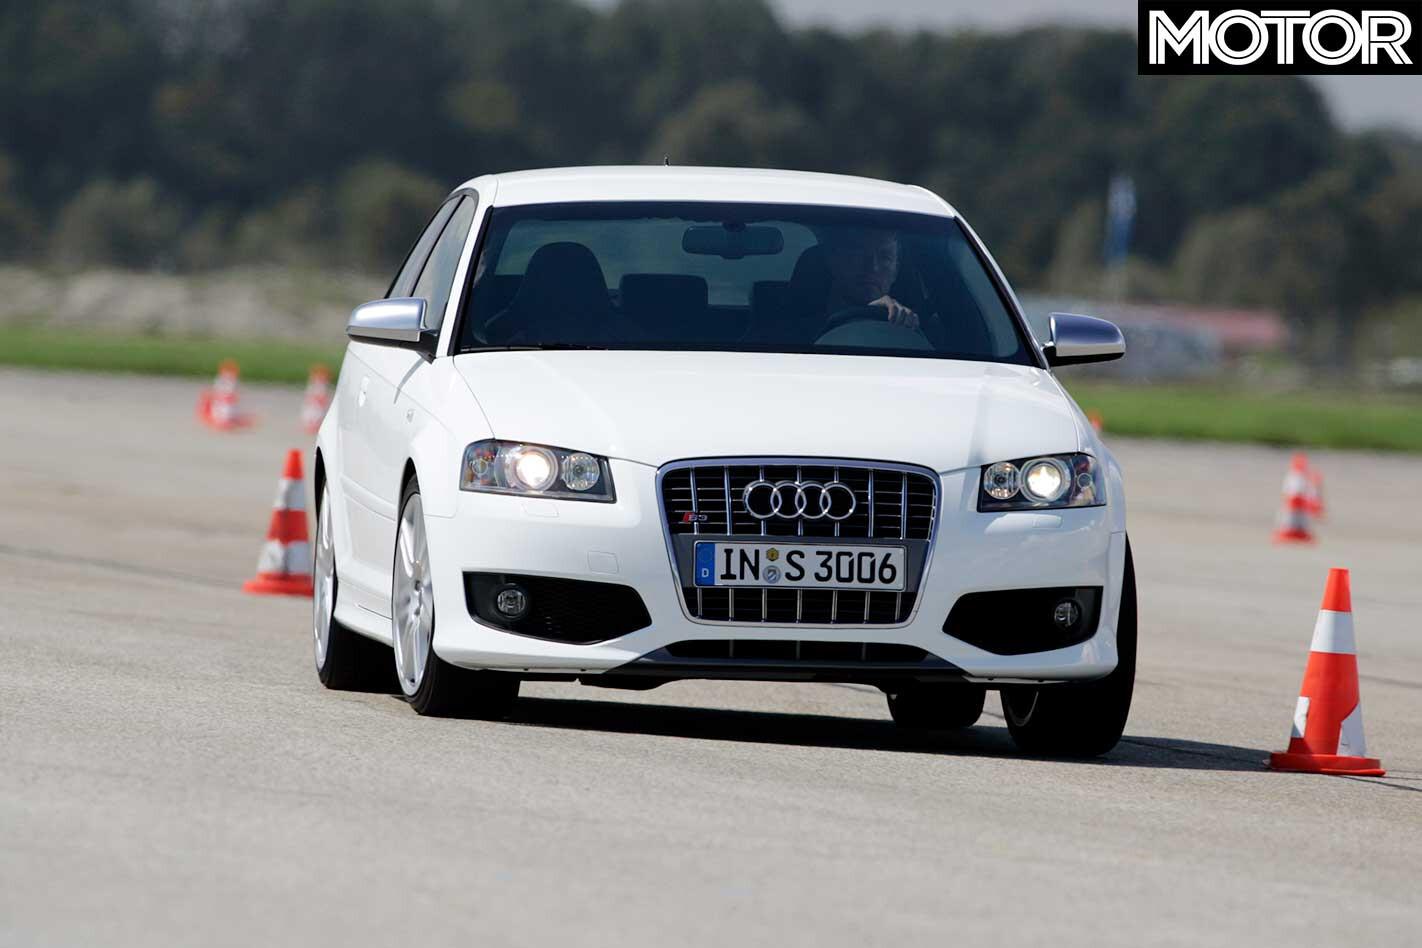 2006 Audi S 3 Handling Jpg